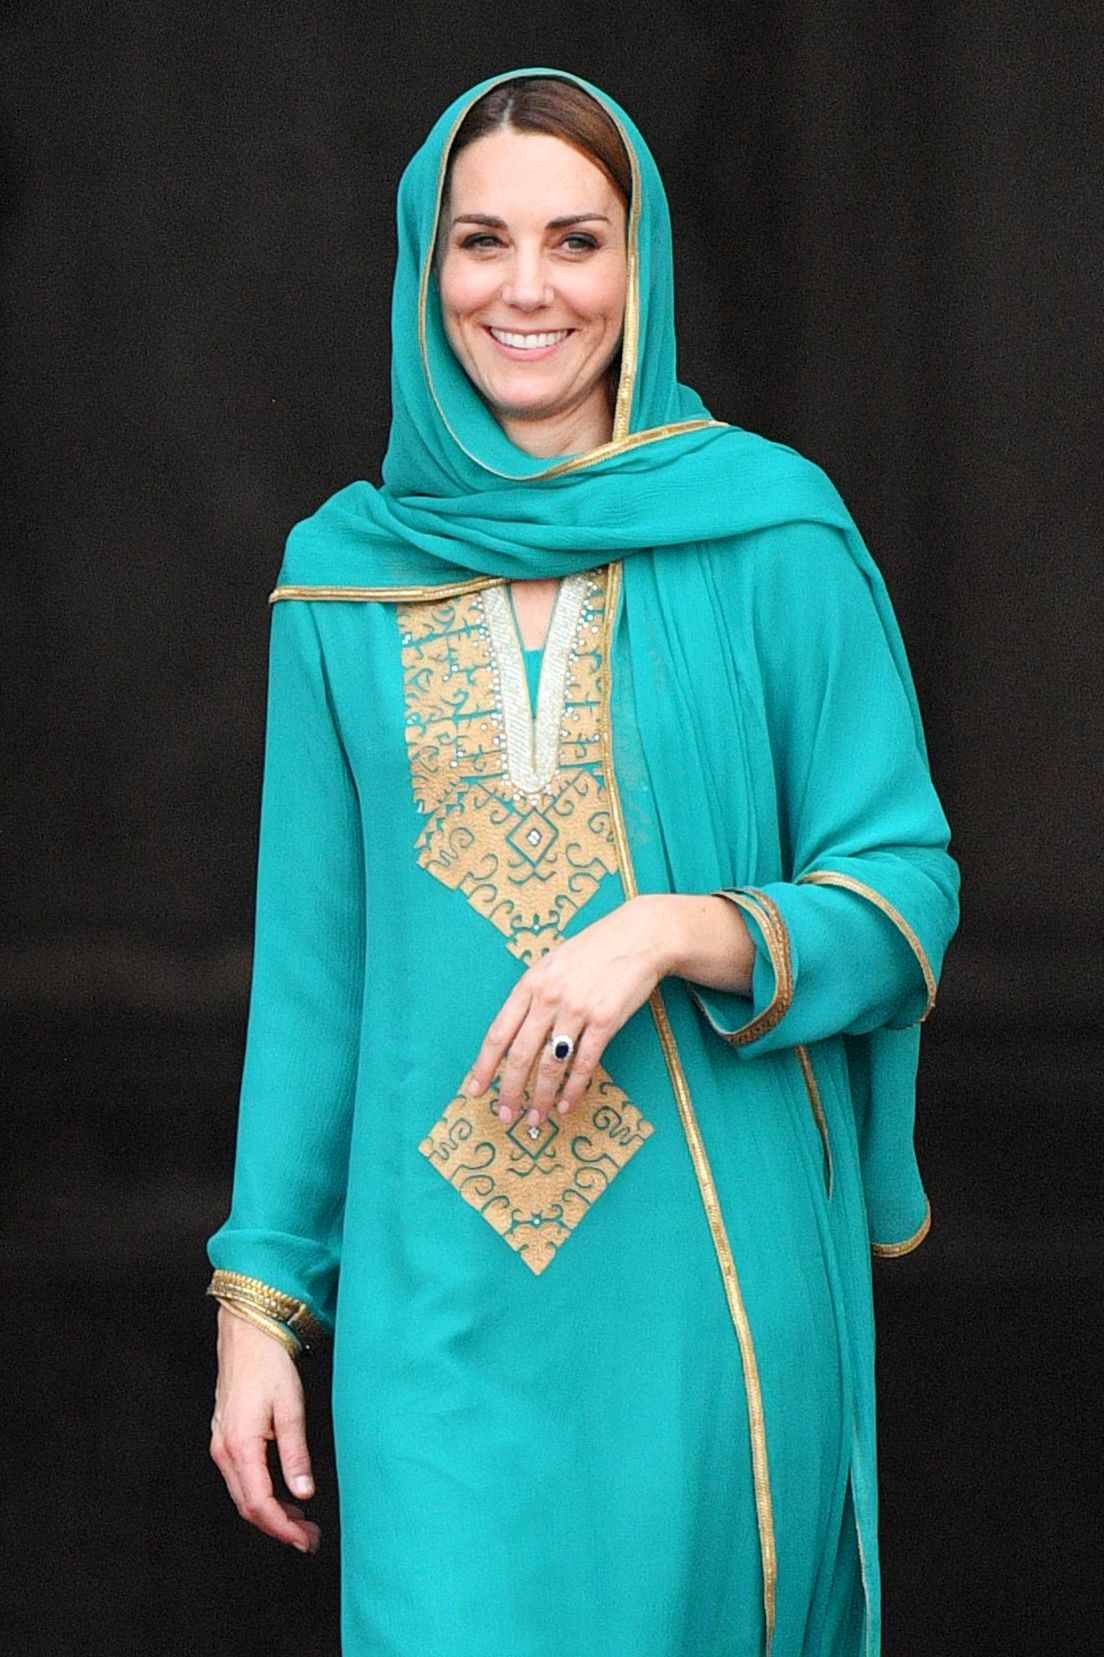 Kate Middleton Pakistan Royal Tour - Channeling Princess Diana